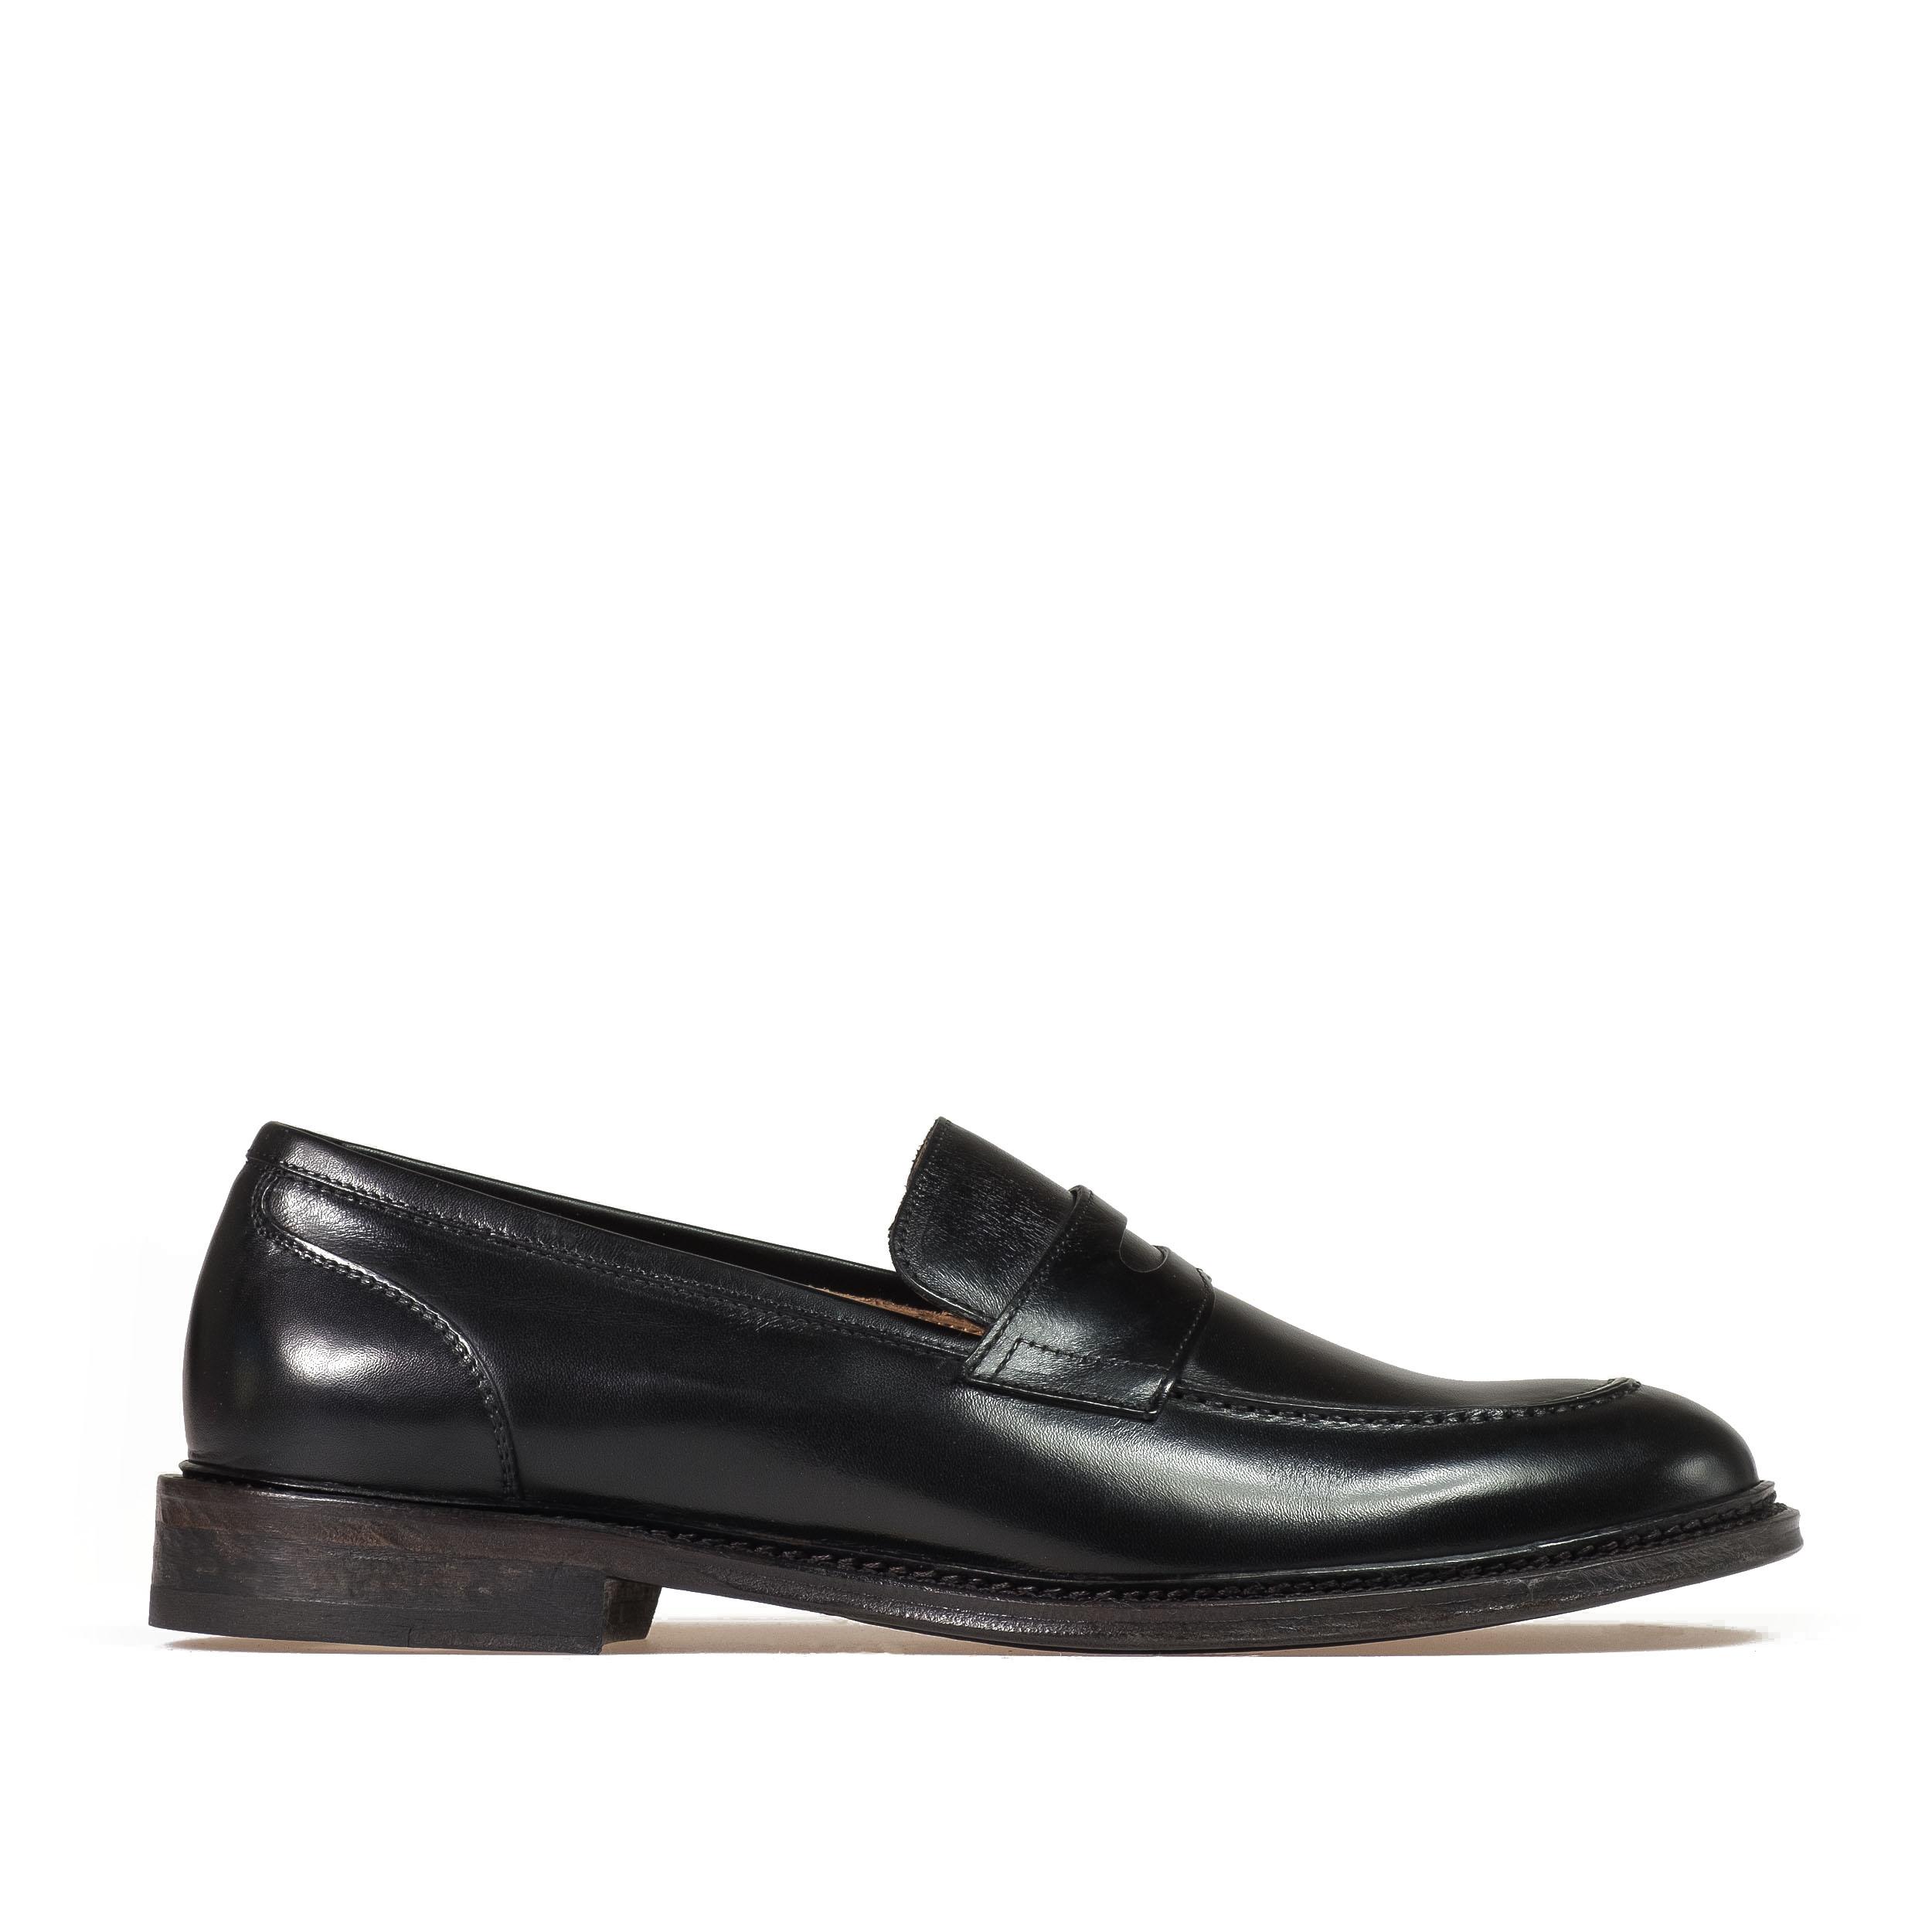 9500 black penny loafer